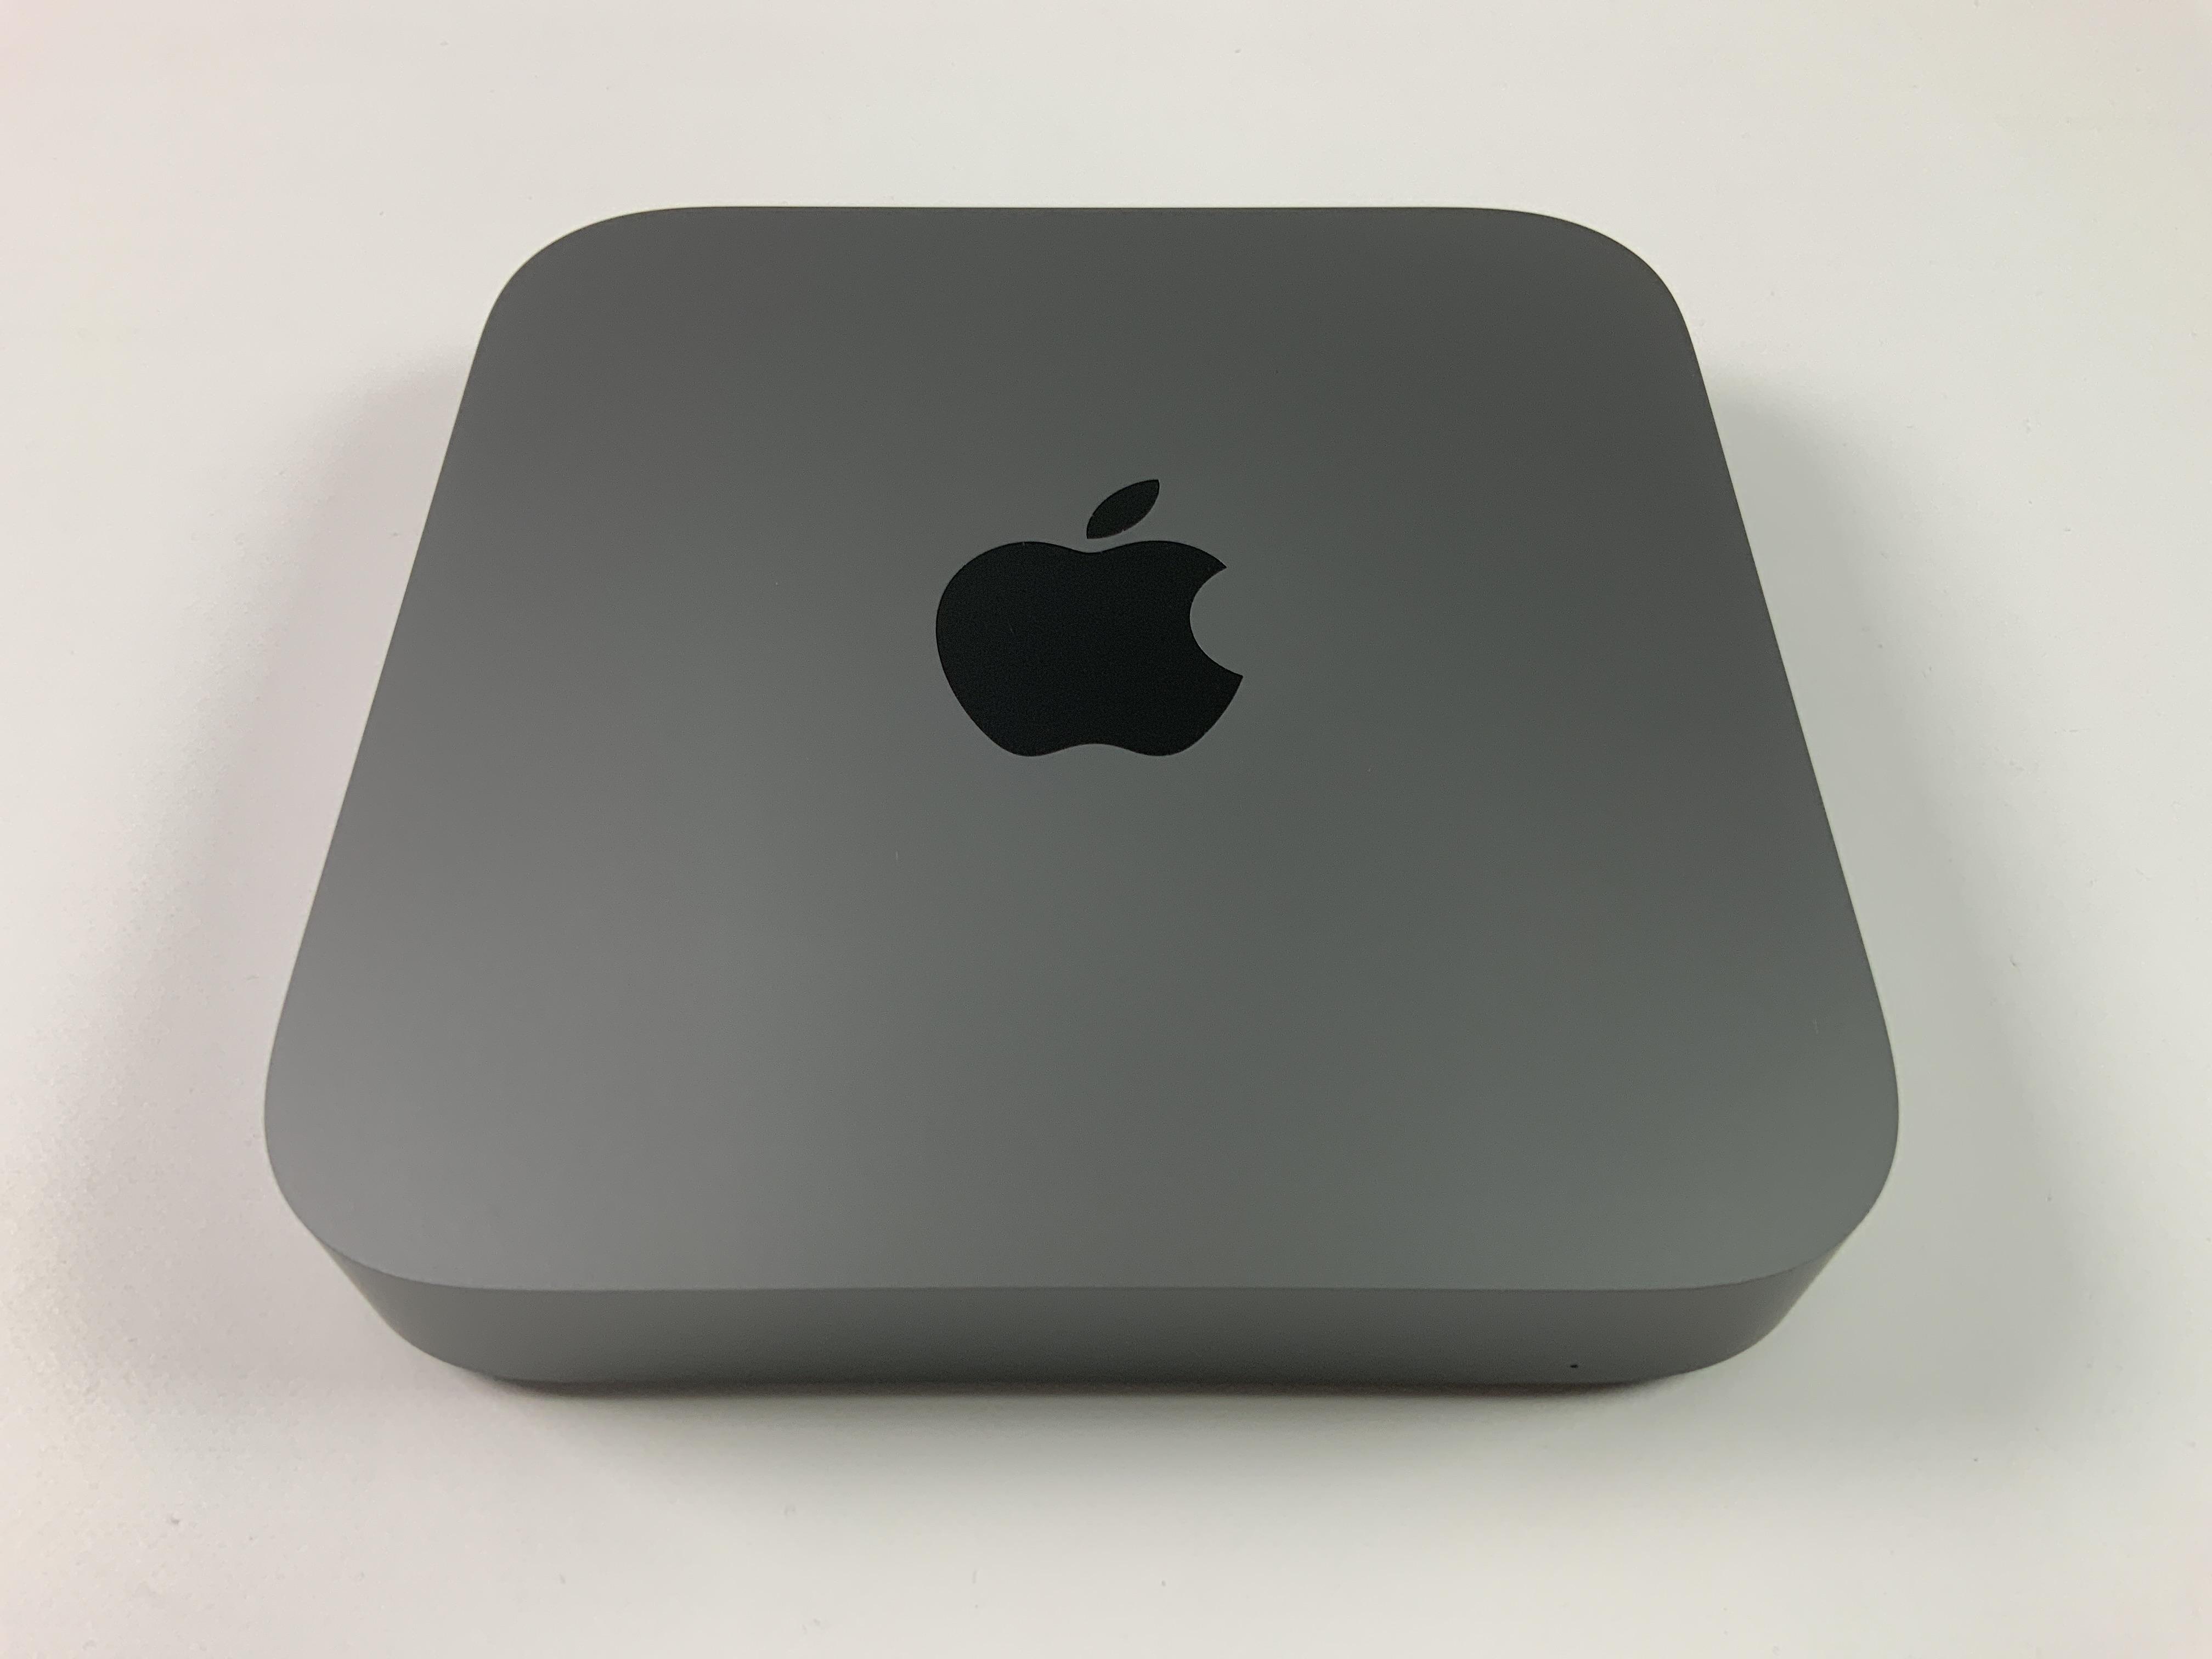 Mac Mini Late 2018 (Intel 6-Core i5 3.0 GHz 8 GB RAM 256 GB SSD), Intel 6-Core i5 3.0 GHz, 8 GB RAM, 256 GB SSD, Bild 1